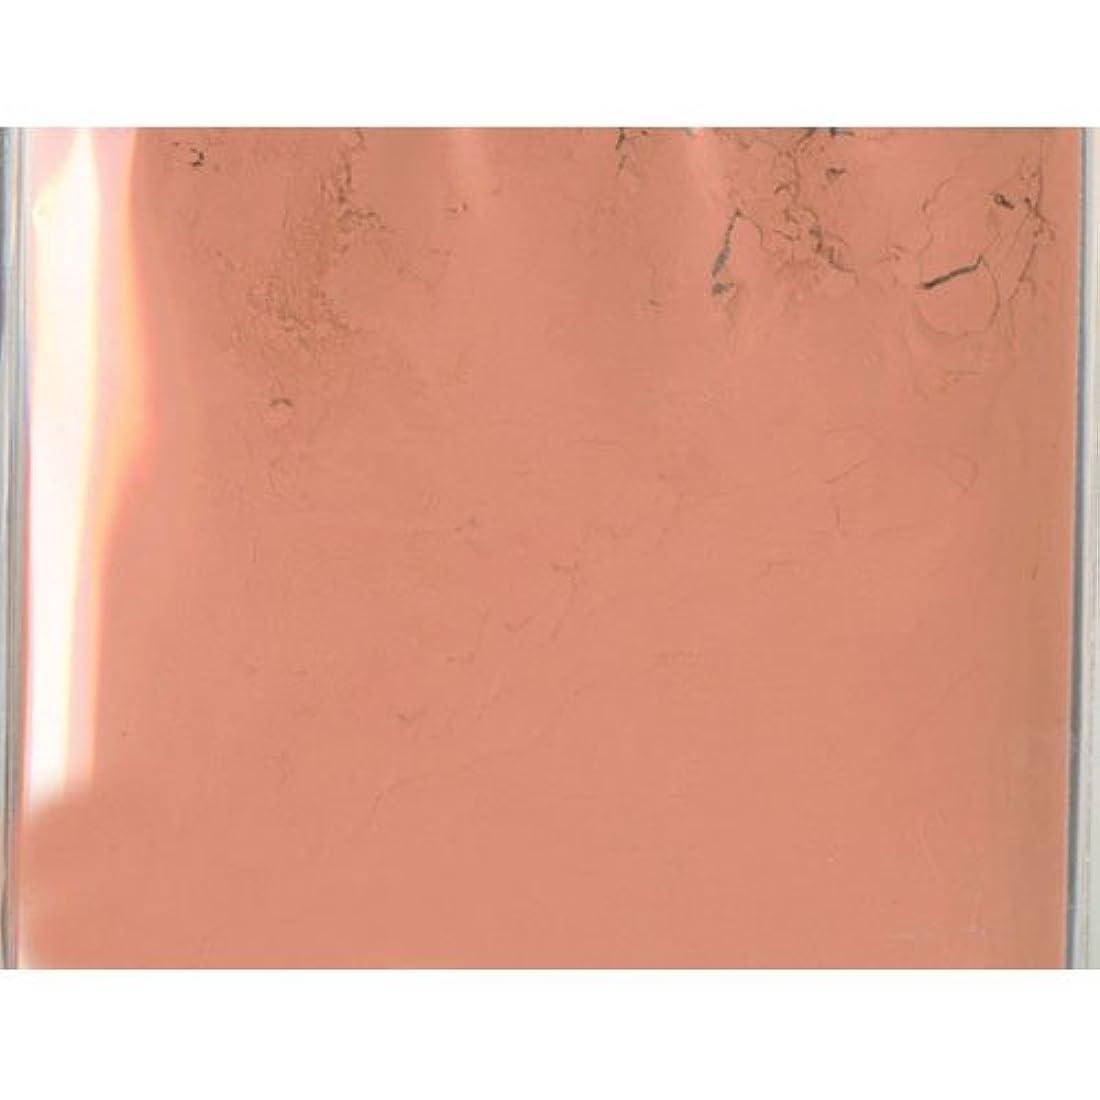 ピカエース ネイル用パウダー ピカエース カラーパウダー 透明顔料 #982 ナチュラルブラウン 2g アート材